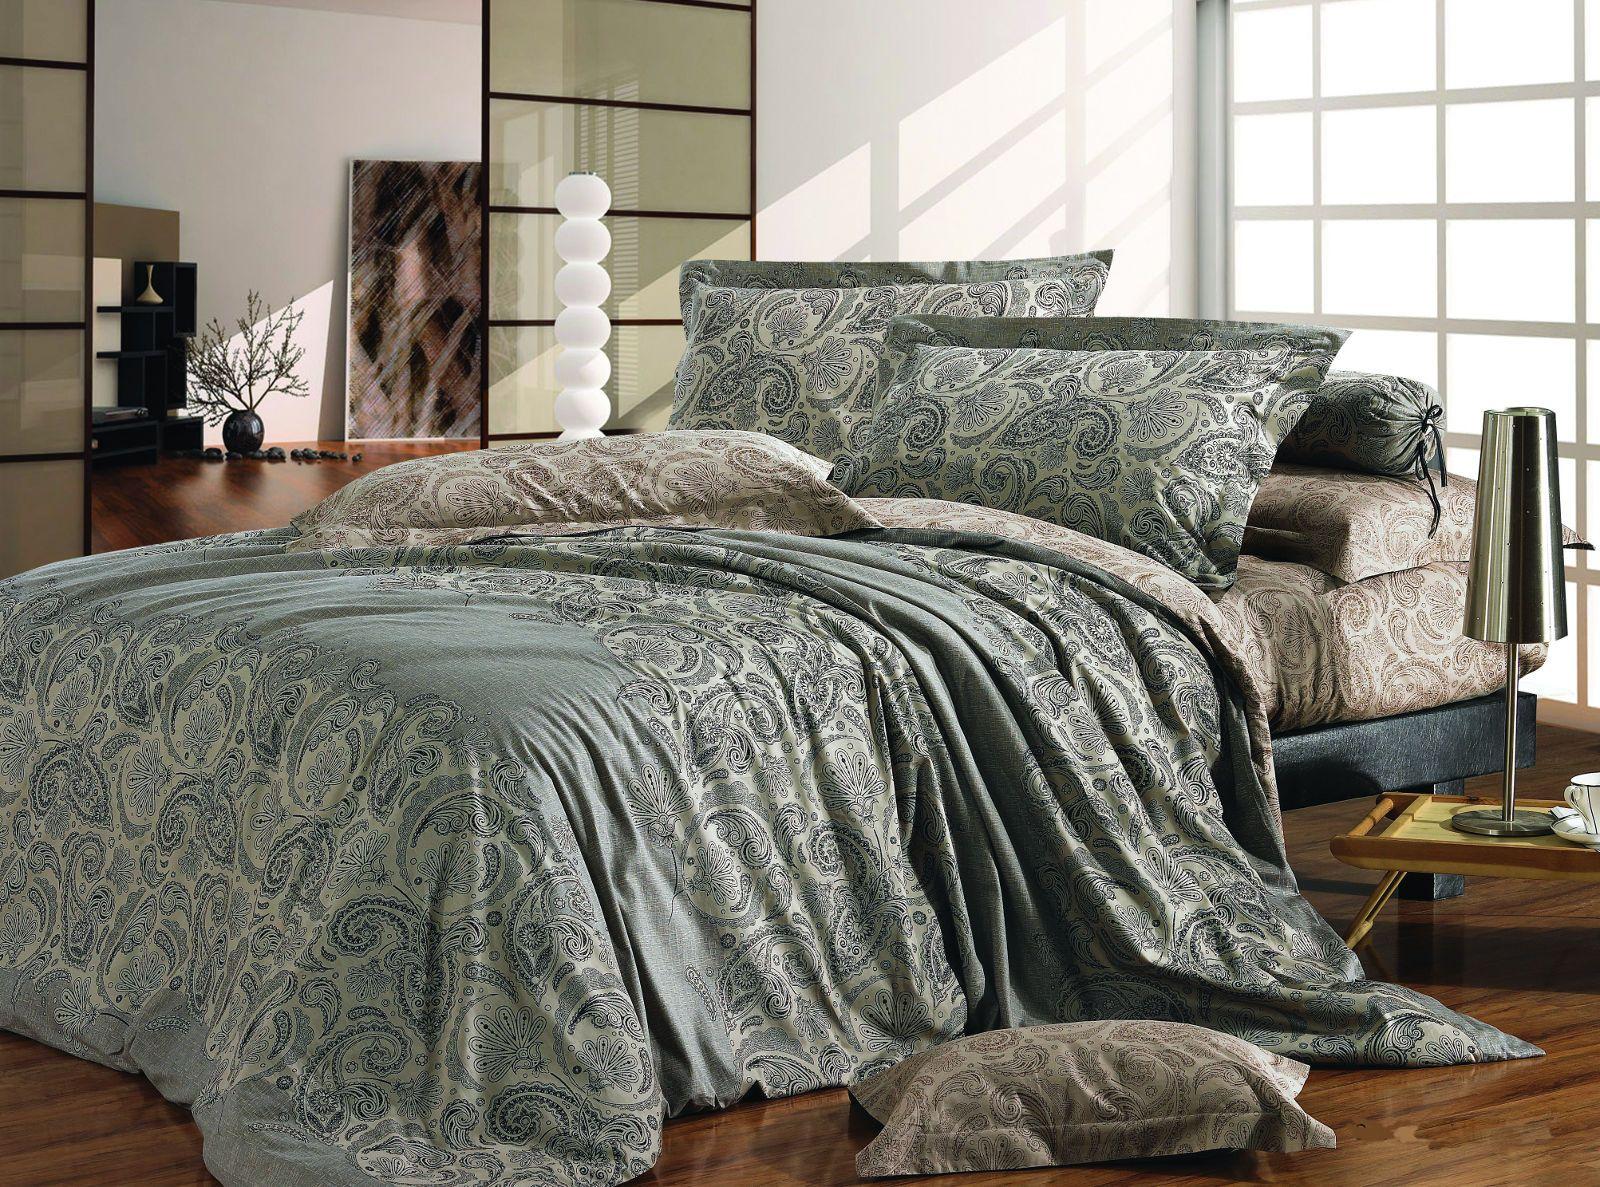 Luxus Bettwäsche135x200155x200200x20080x80100 Baumwolle